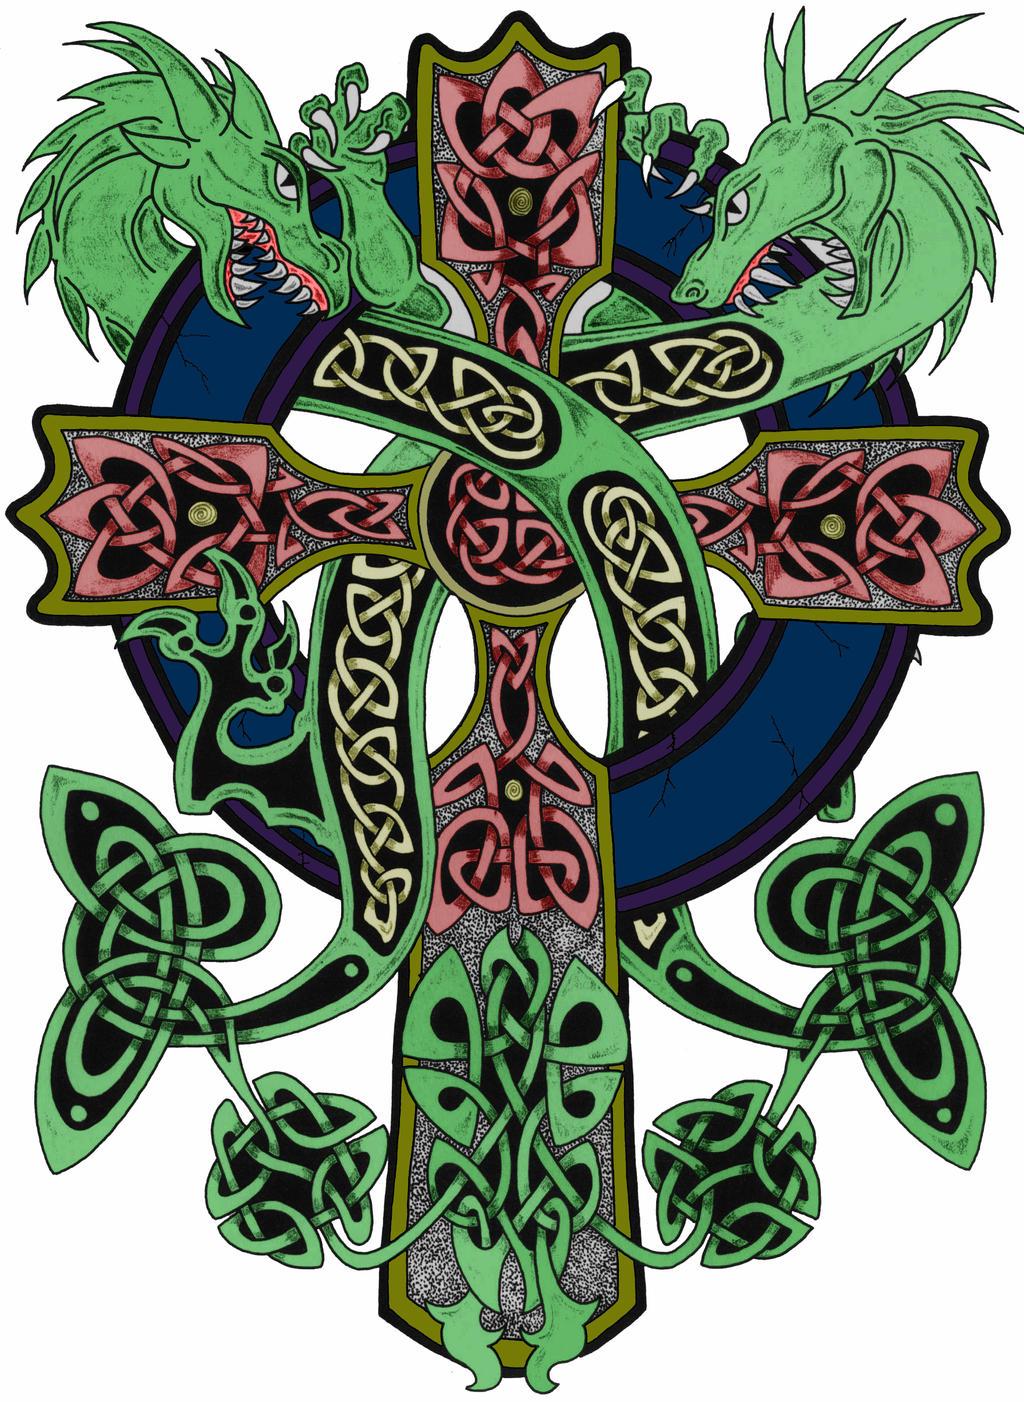 celtic cross color by smoothraven7 on deviantart. Black Bedroom Furniture Sets. Home Design Ideas